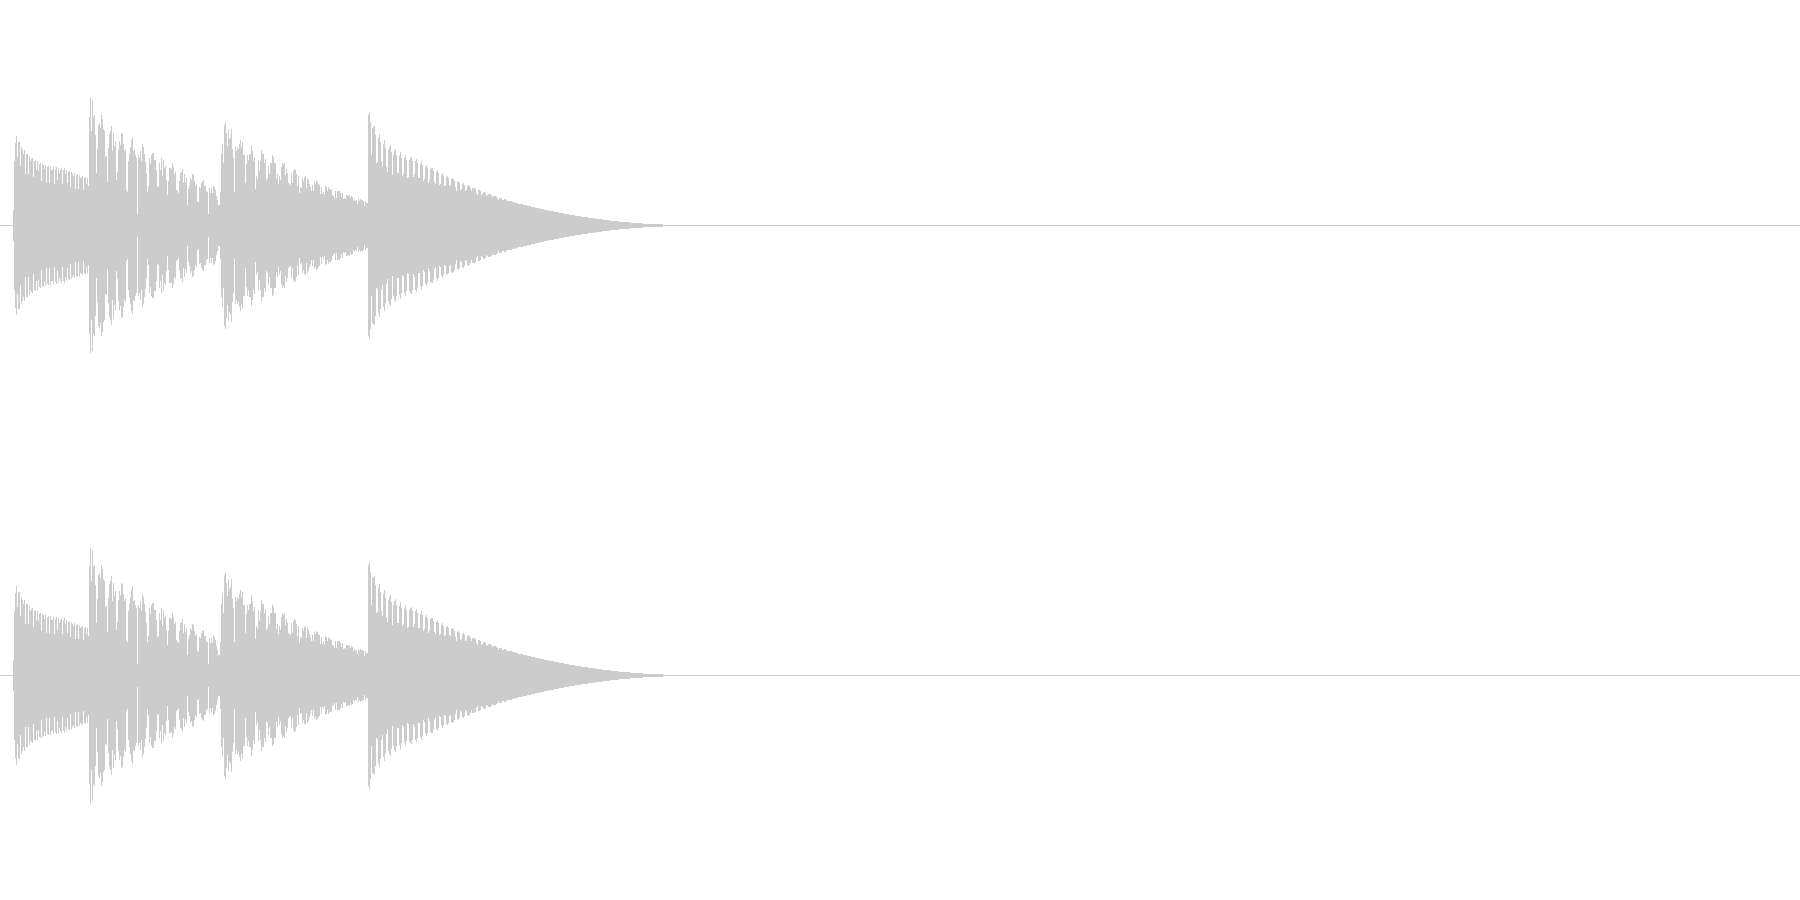 ゲームの決定音「ピロリン」の未再生の波形